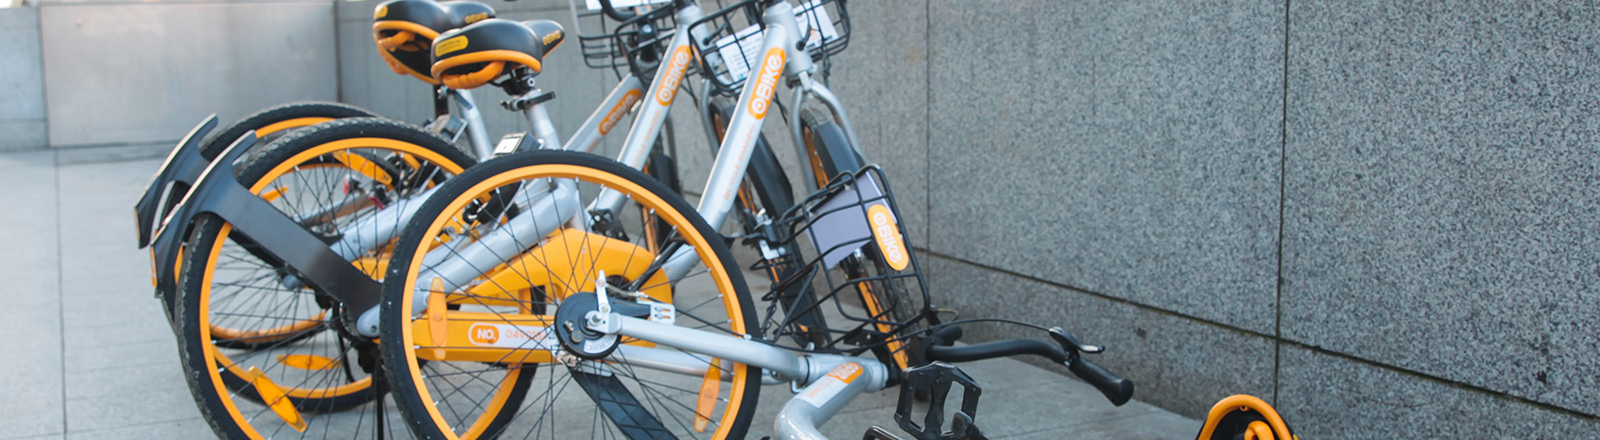 Gelbe Fahrräder an einem Ständer